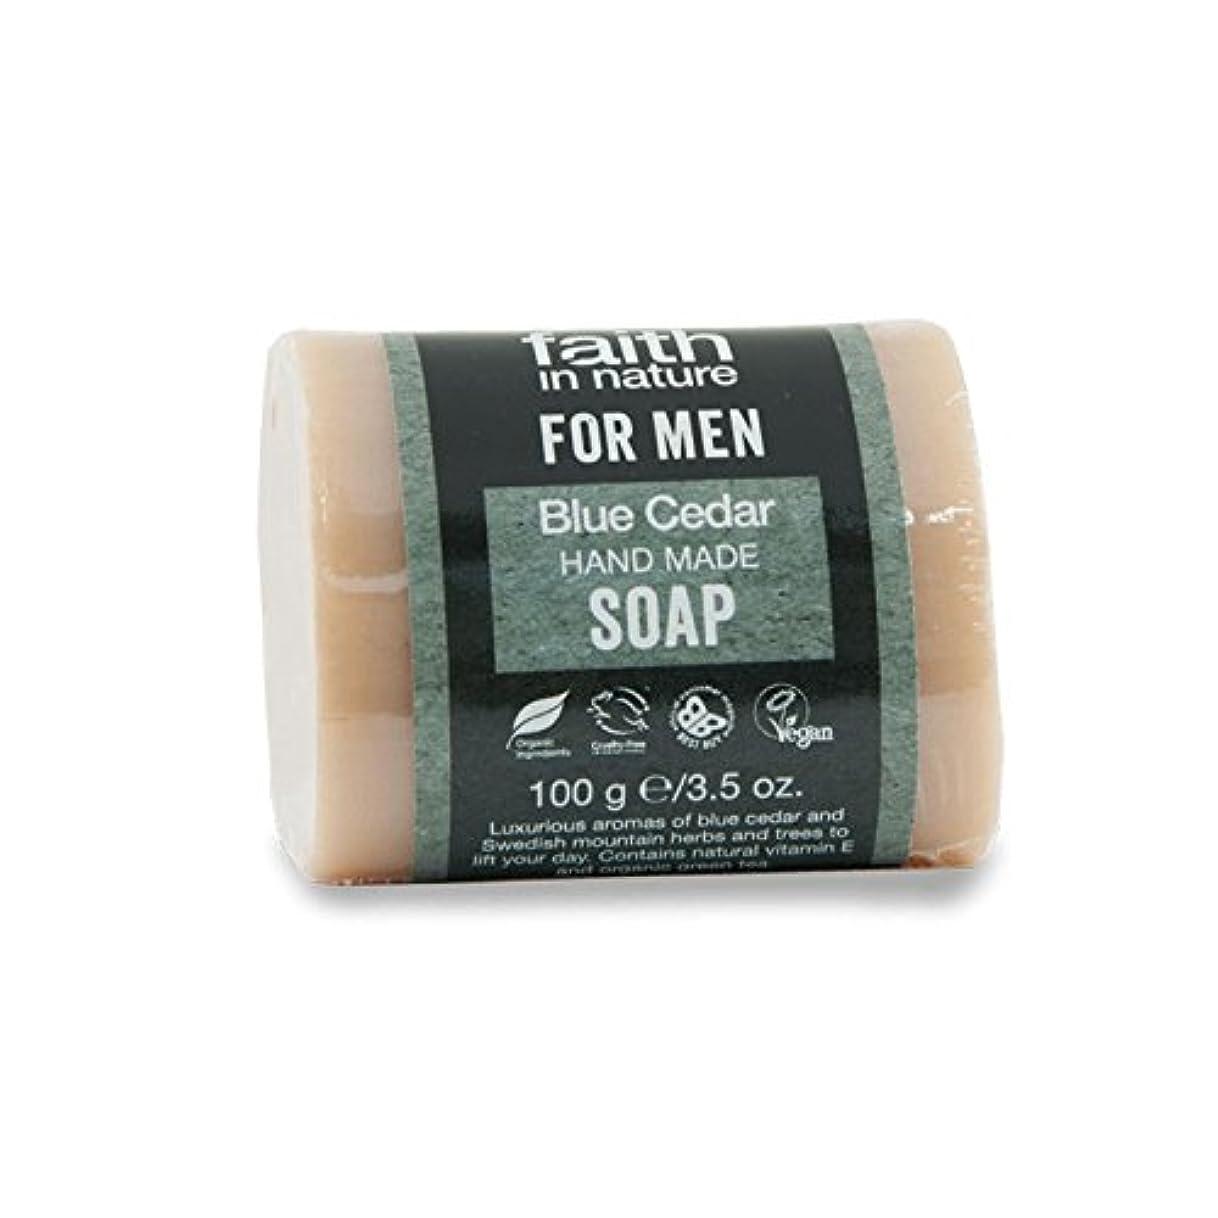 雪シャックル前進男性青杉の石鹸100グラムのための自然の中で信仰 - Faith in Nature for Men Blue Cedar Soap 100g (Faith in Nature) [並行輸入品]